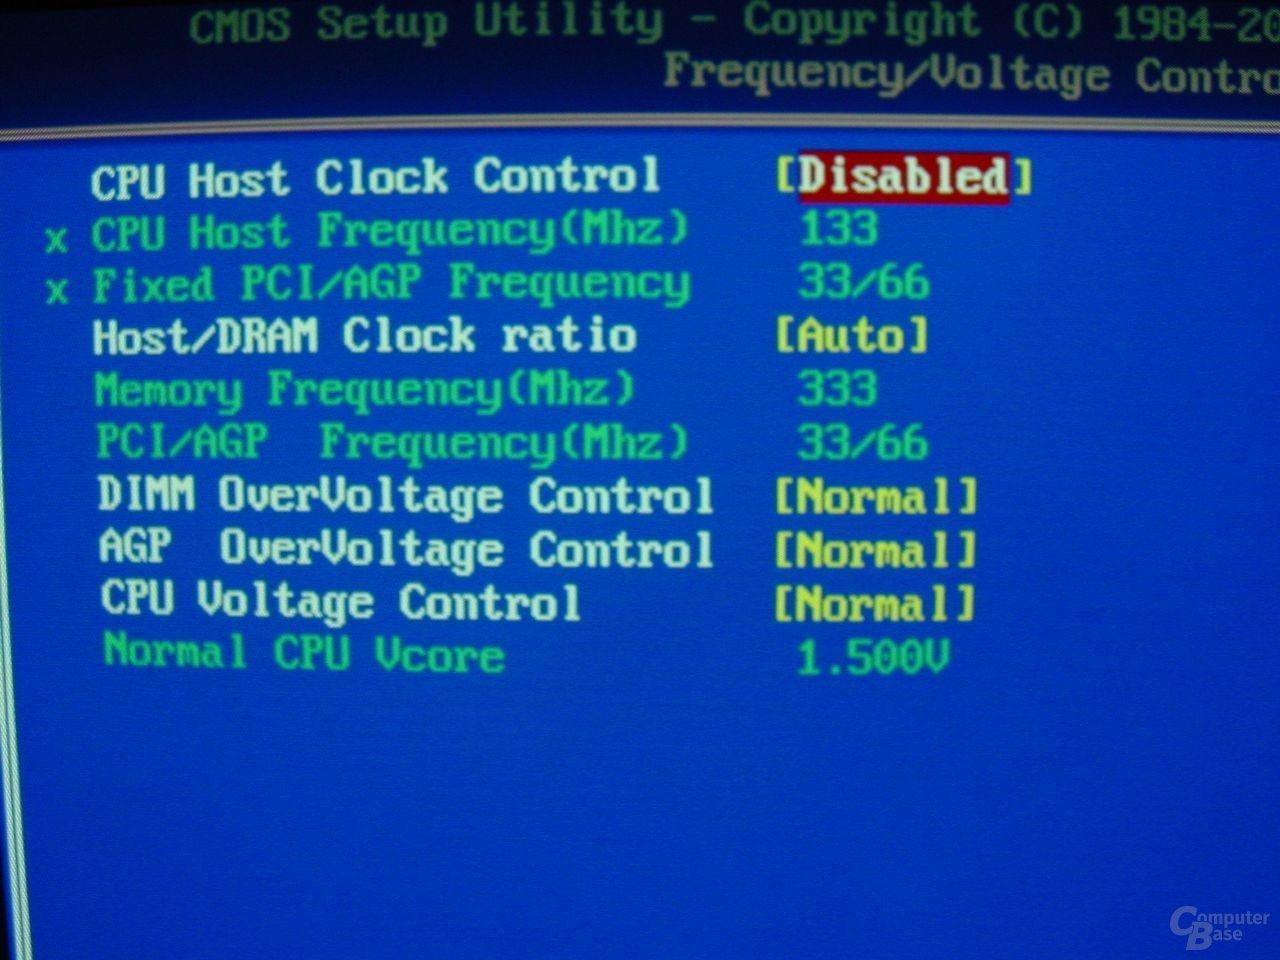 GA-8PE667 Ultra 2 - BIOS - Voltages